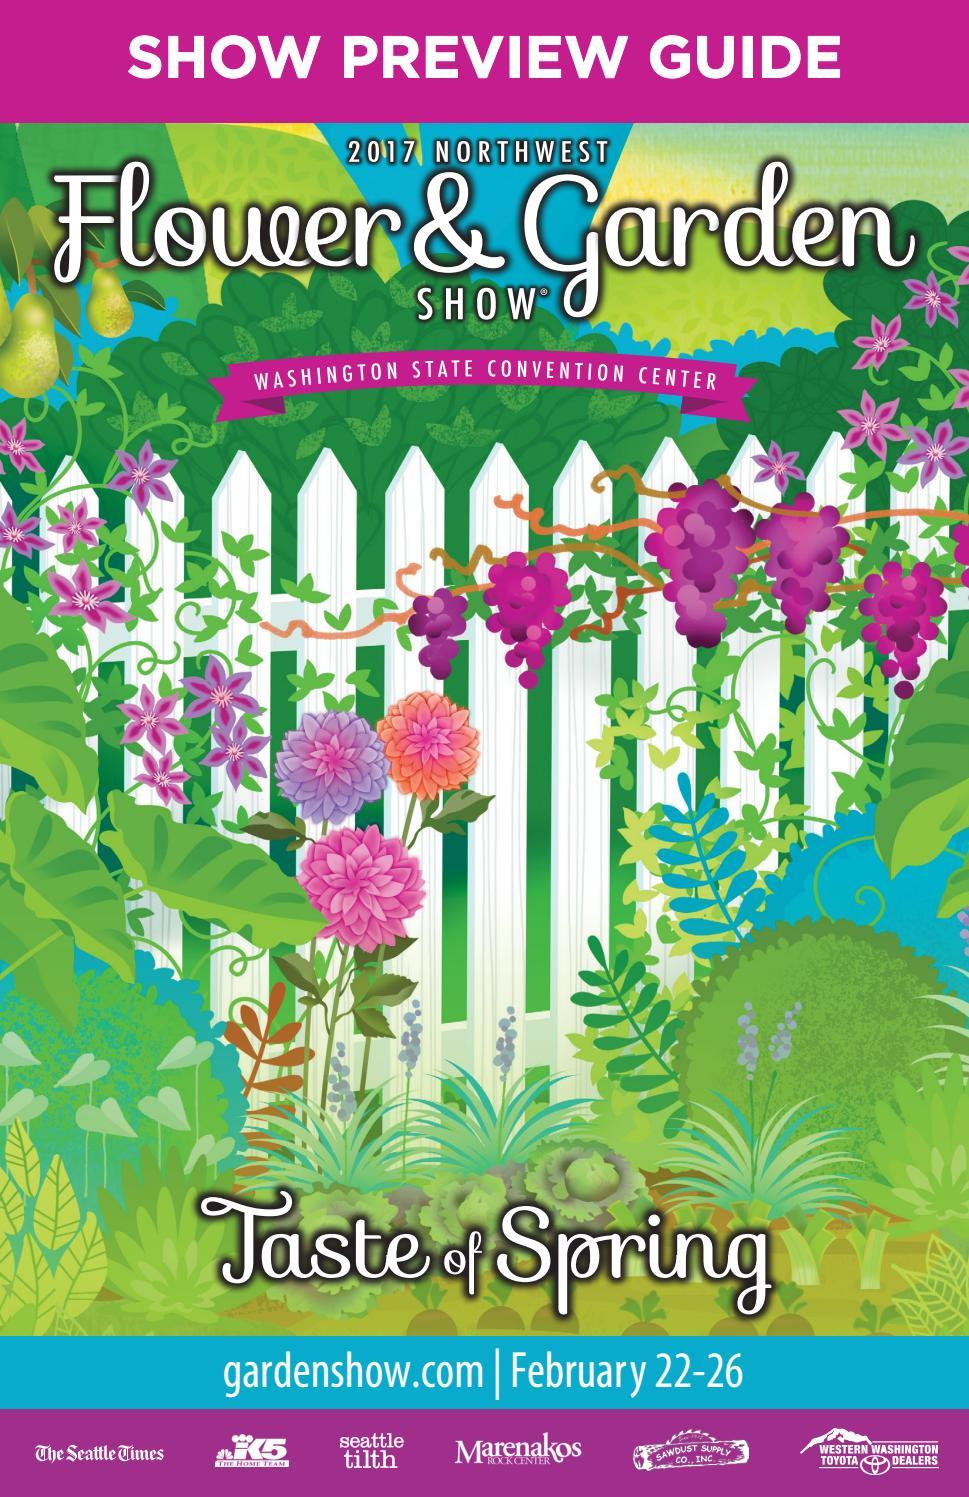 2017 Northwest Flower & Garden Show.